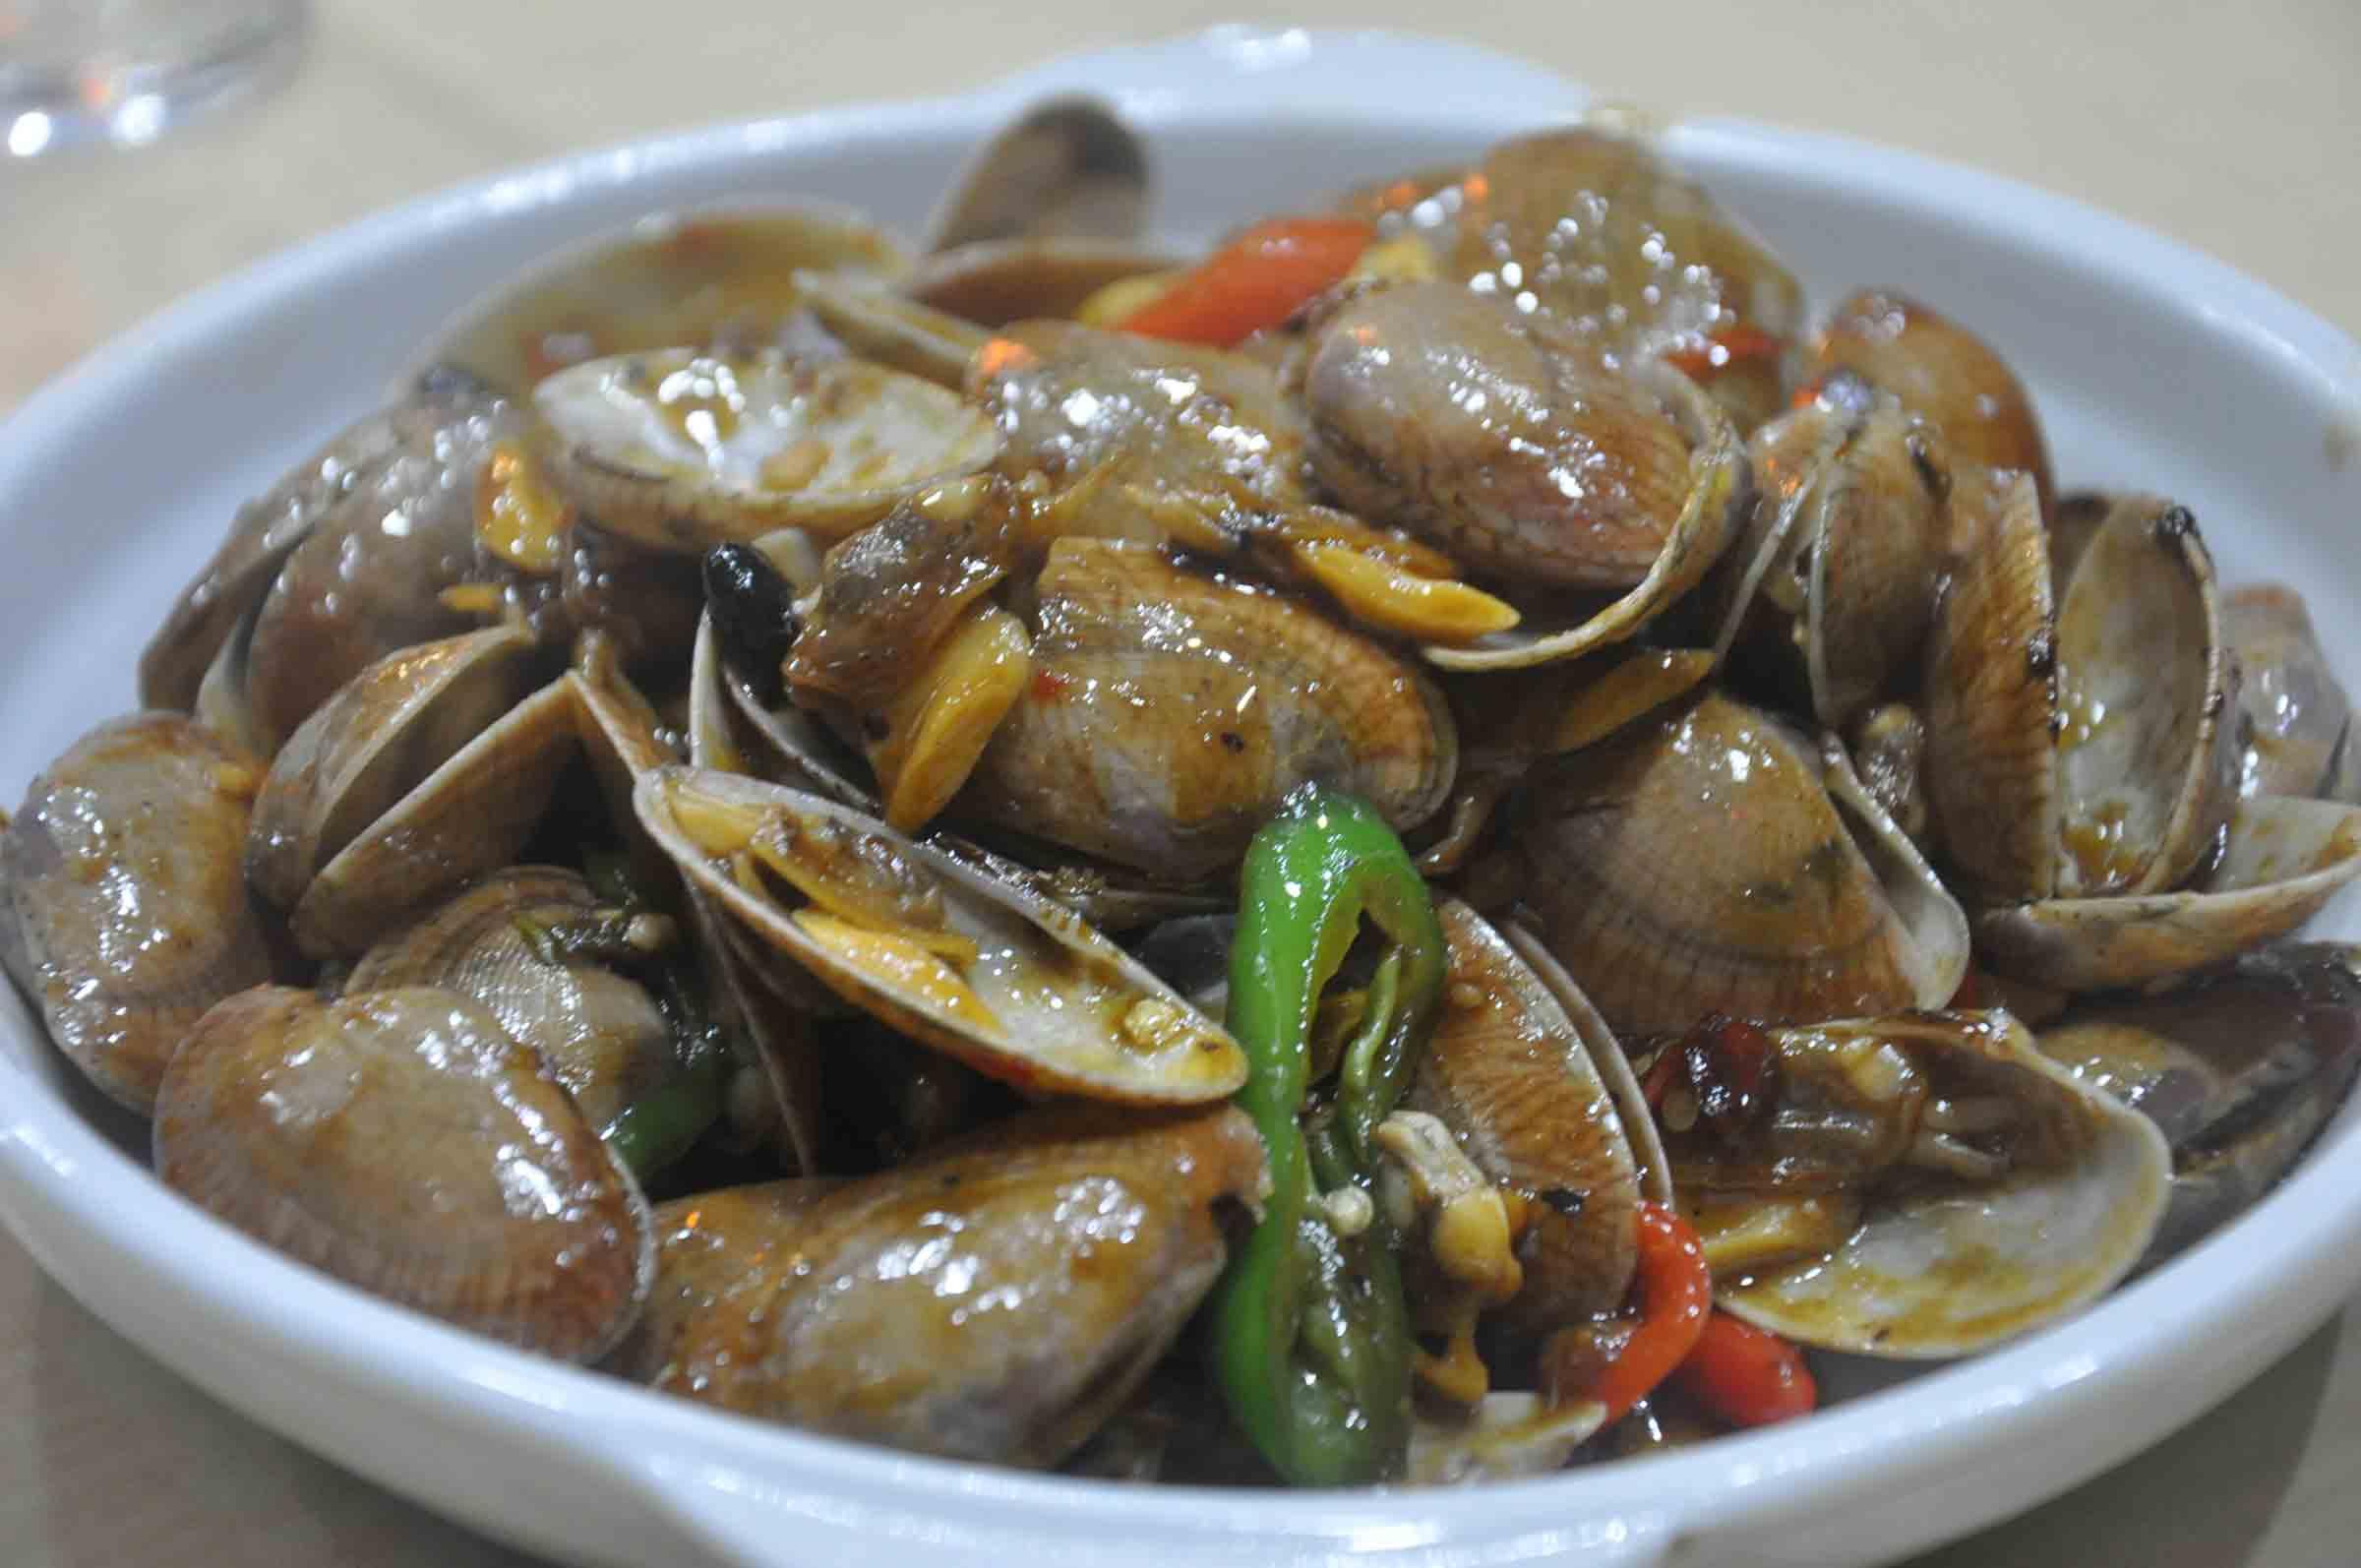 Fu Lai Seafood clams